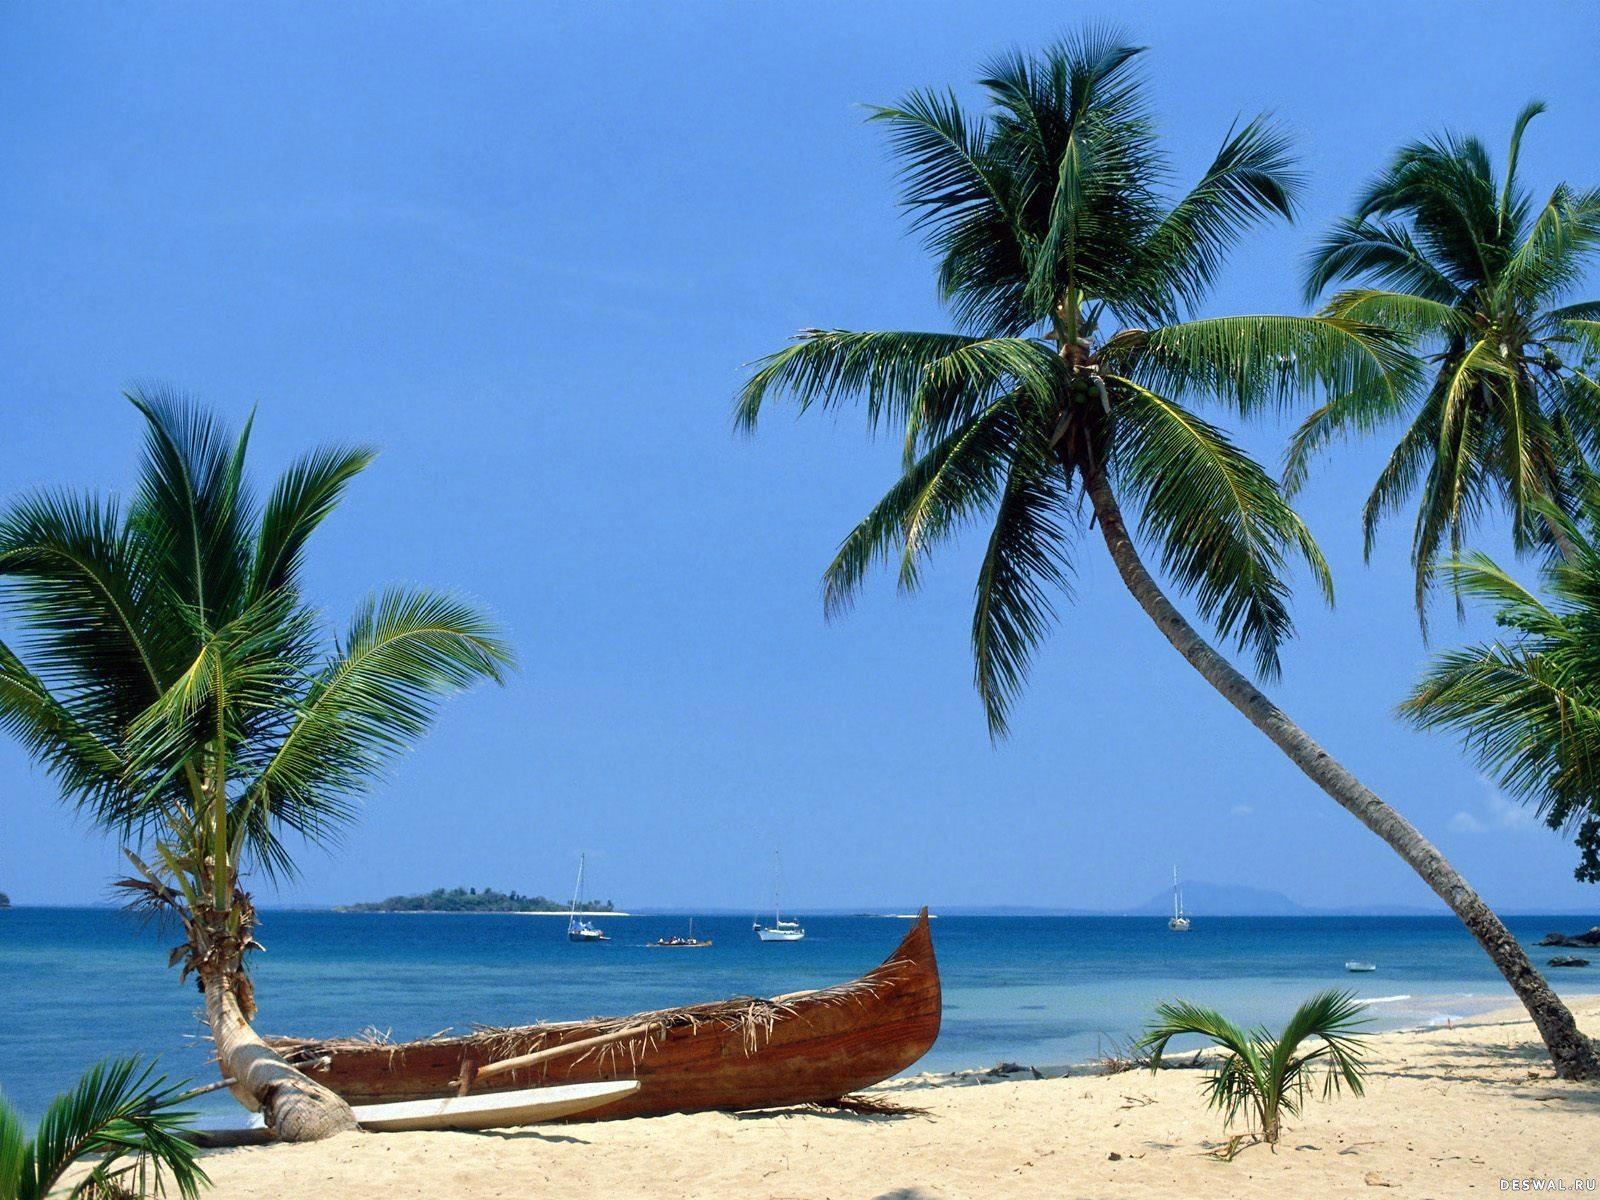 Фото 121.. Нажмите на картинку с обоями природы - пляж, чтобы просмотреть ее в реальном размере